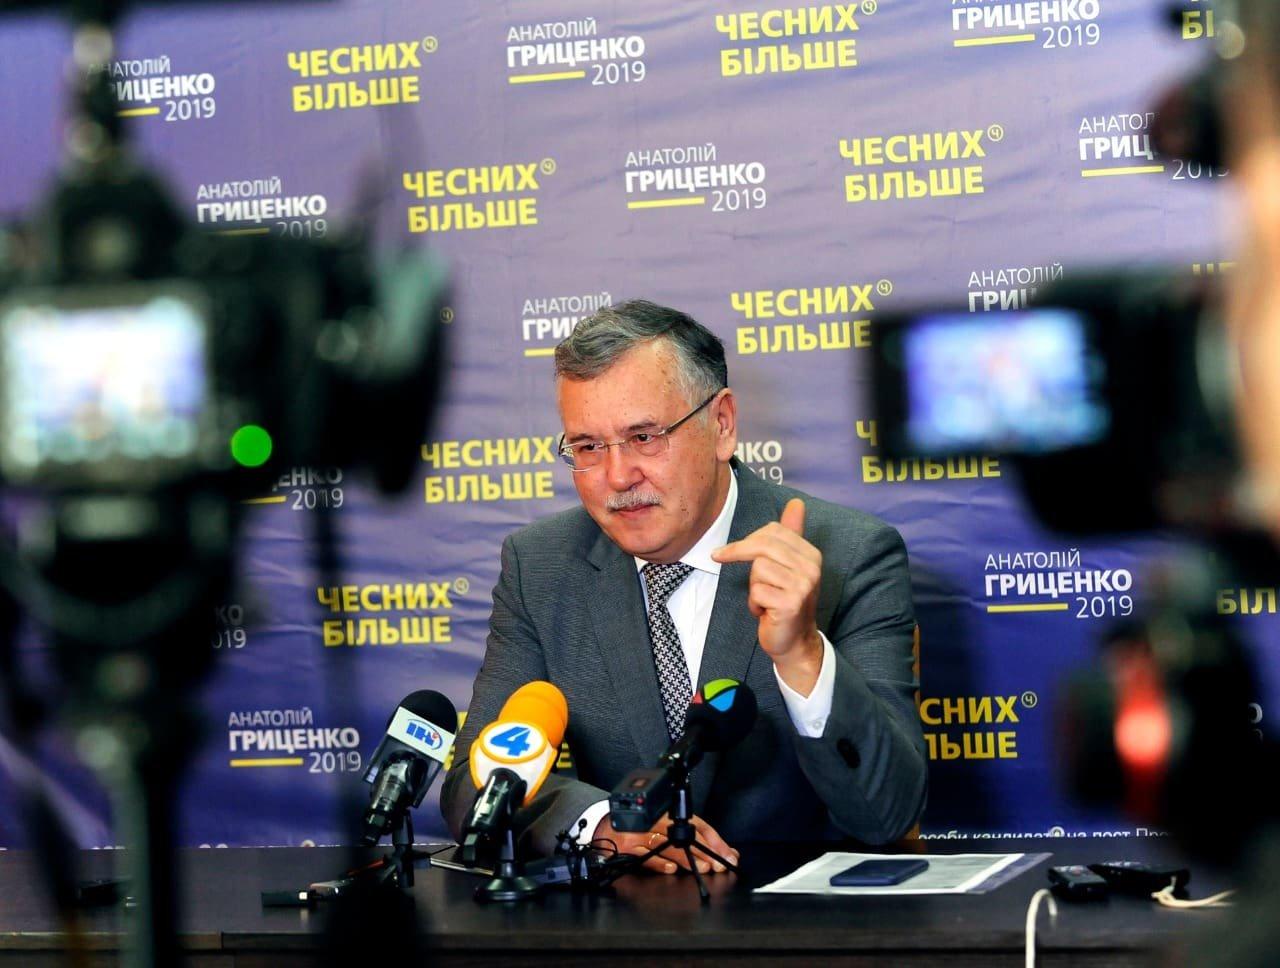 Анатолій Гриценко: «На відкритих дебатах кандидати на посаду президента повинні показати свою команду та чесно відповісти на запитання гром..., фото-7